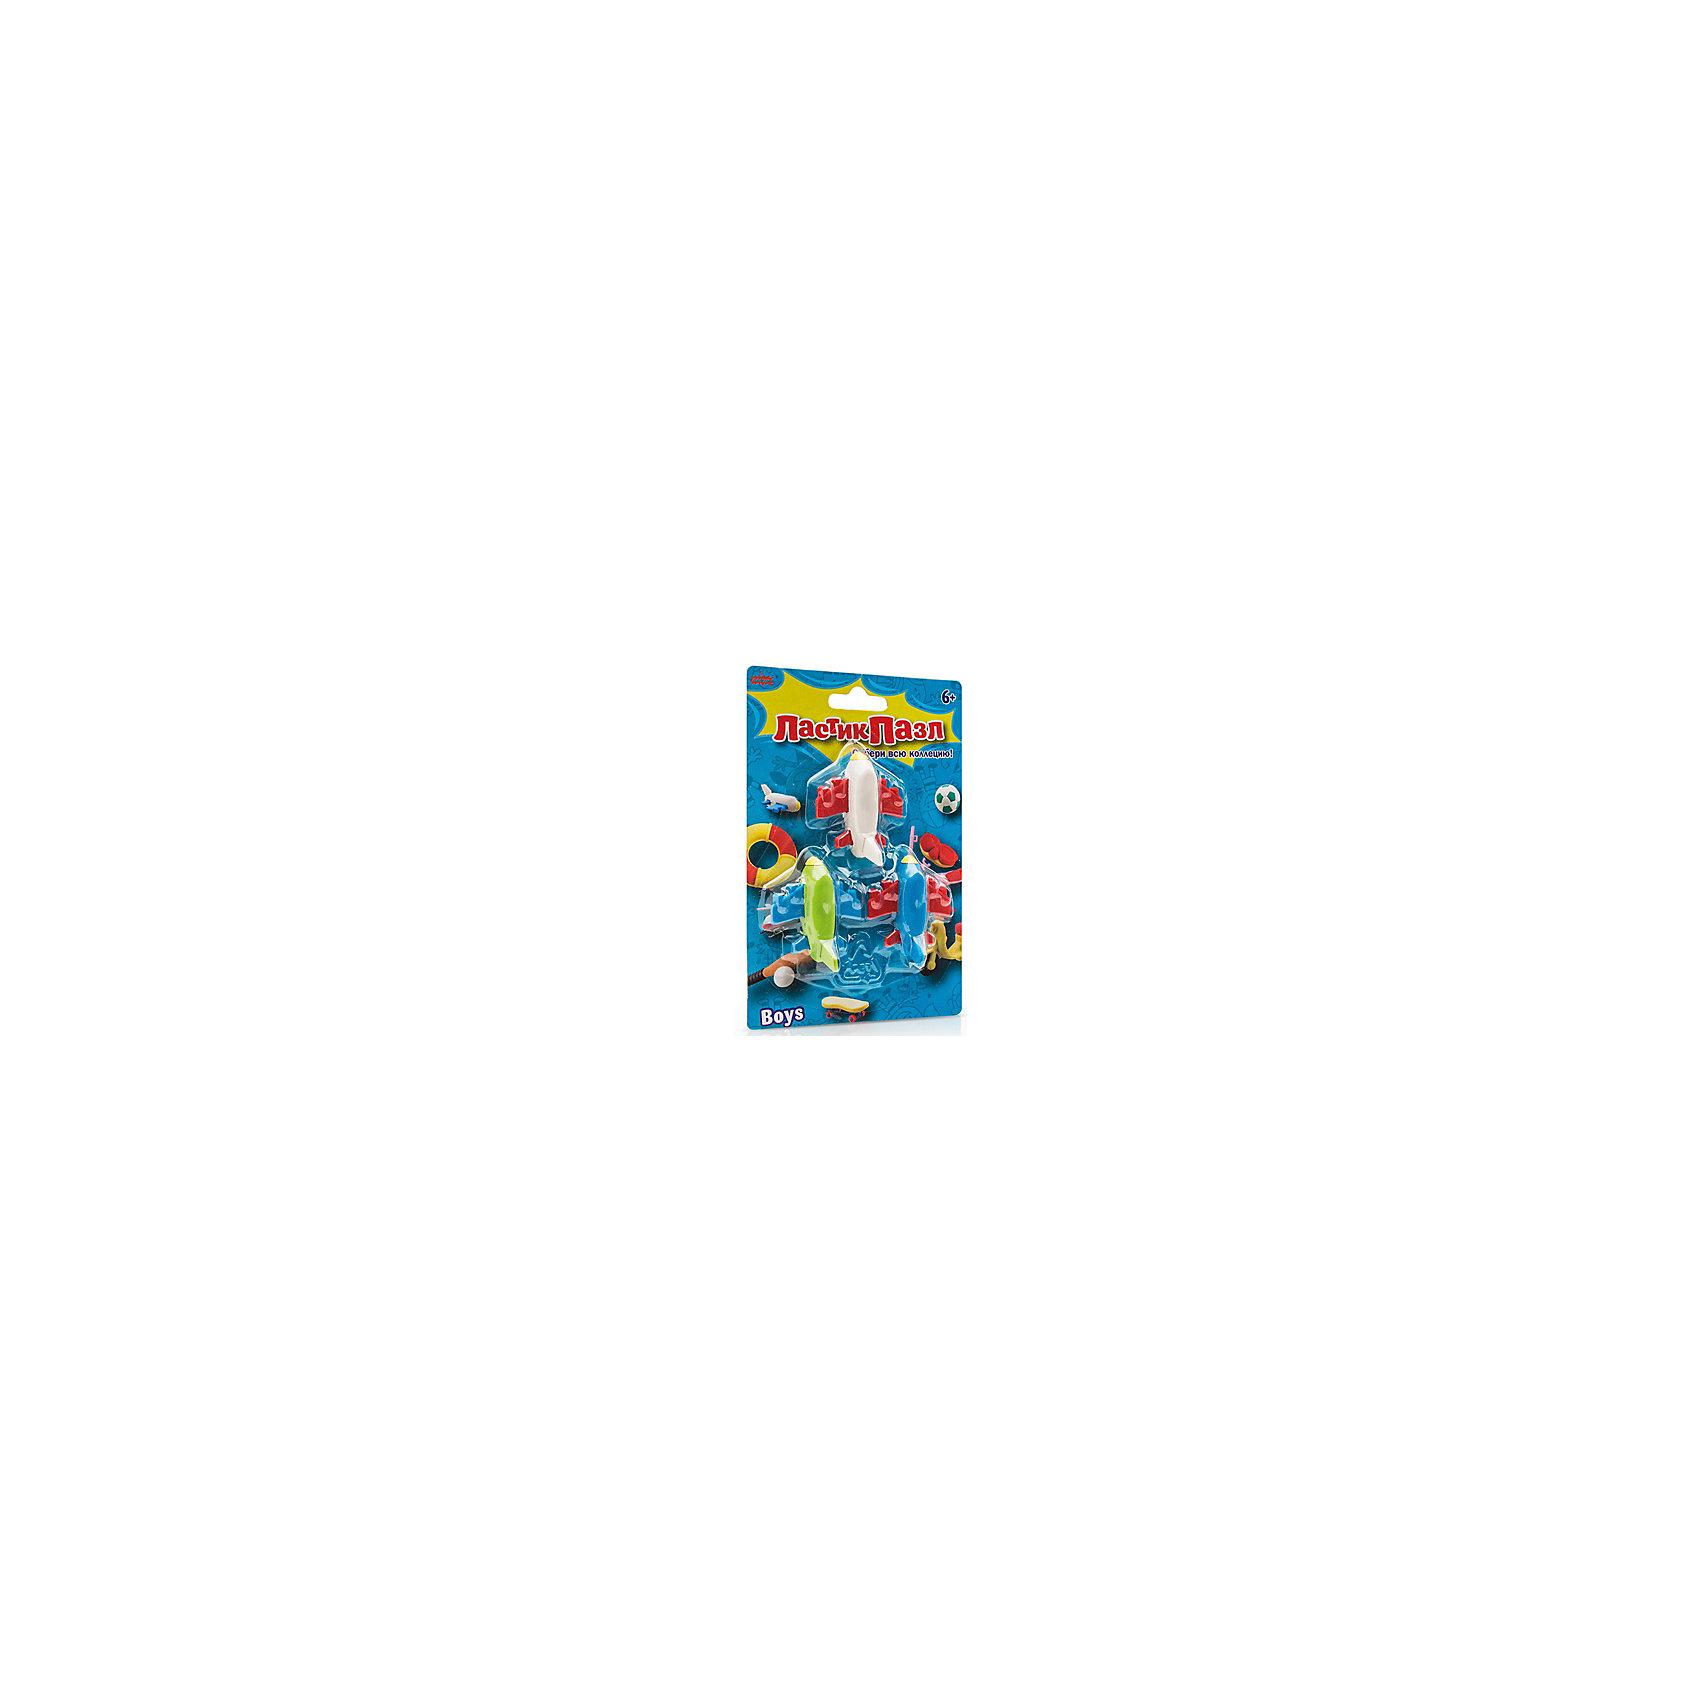 Набор Ластик-Пазл - Самолетики БумбарамЧертежные принадлежности<br>Набор Ластики - пазлы на блистере Самолетики, Бумбарам.<br><br>Характеристики:<br><br>• качественный ластик<br>• каждый ластик состоит из нескольких пазлов<br>• развивает внимательность, усидчивость и мелкую моторику<br>• яркий дизайн<br>• материал: резина<br>• размер фигурок: 3-4 см<br>• размер упаковки: 13,5х9,5 см<br>• вес: 85 грамм<br><br>Ластики-пазлы содержат 3 самолета разного цвета: синий, зеленый и белый. Каждая фигурка разбирается на пазлы, которые ребенку предстоит собрать воедино. Это поможет развить внимательность, мелкую моторику и усидчивость. Яркий ластик-самолетик поможет ребенку обучаться и развиваться!<br><br>Набор Ластики-пазлы на блистере Самолетики, Бумбарам вы можете приобрести в нашем интернет-магазине.<br><br>Ширина мм: 135<br>Глубина мм: 95<br>Высота мм: 50<br>Вес г: 85<br>Возраст от месяцев: 72<br>Возраст до месяцев: 144<br>Пол: Мужской<br>Возраст: Детский<br>SKU: 5054011